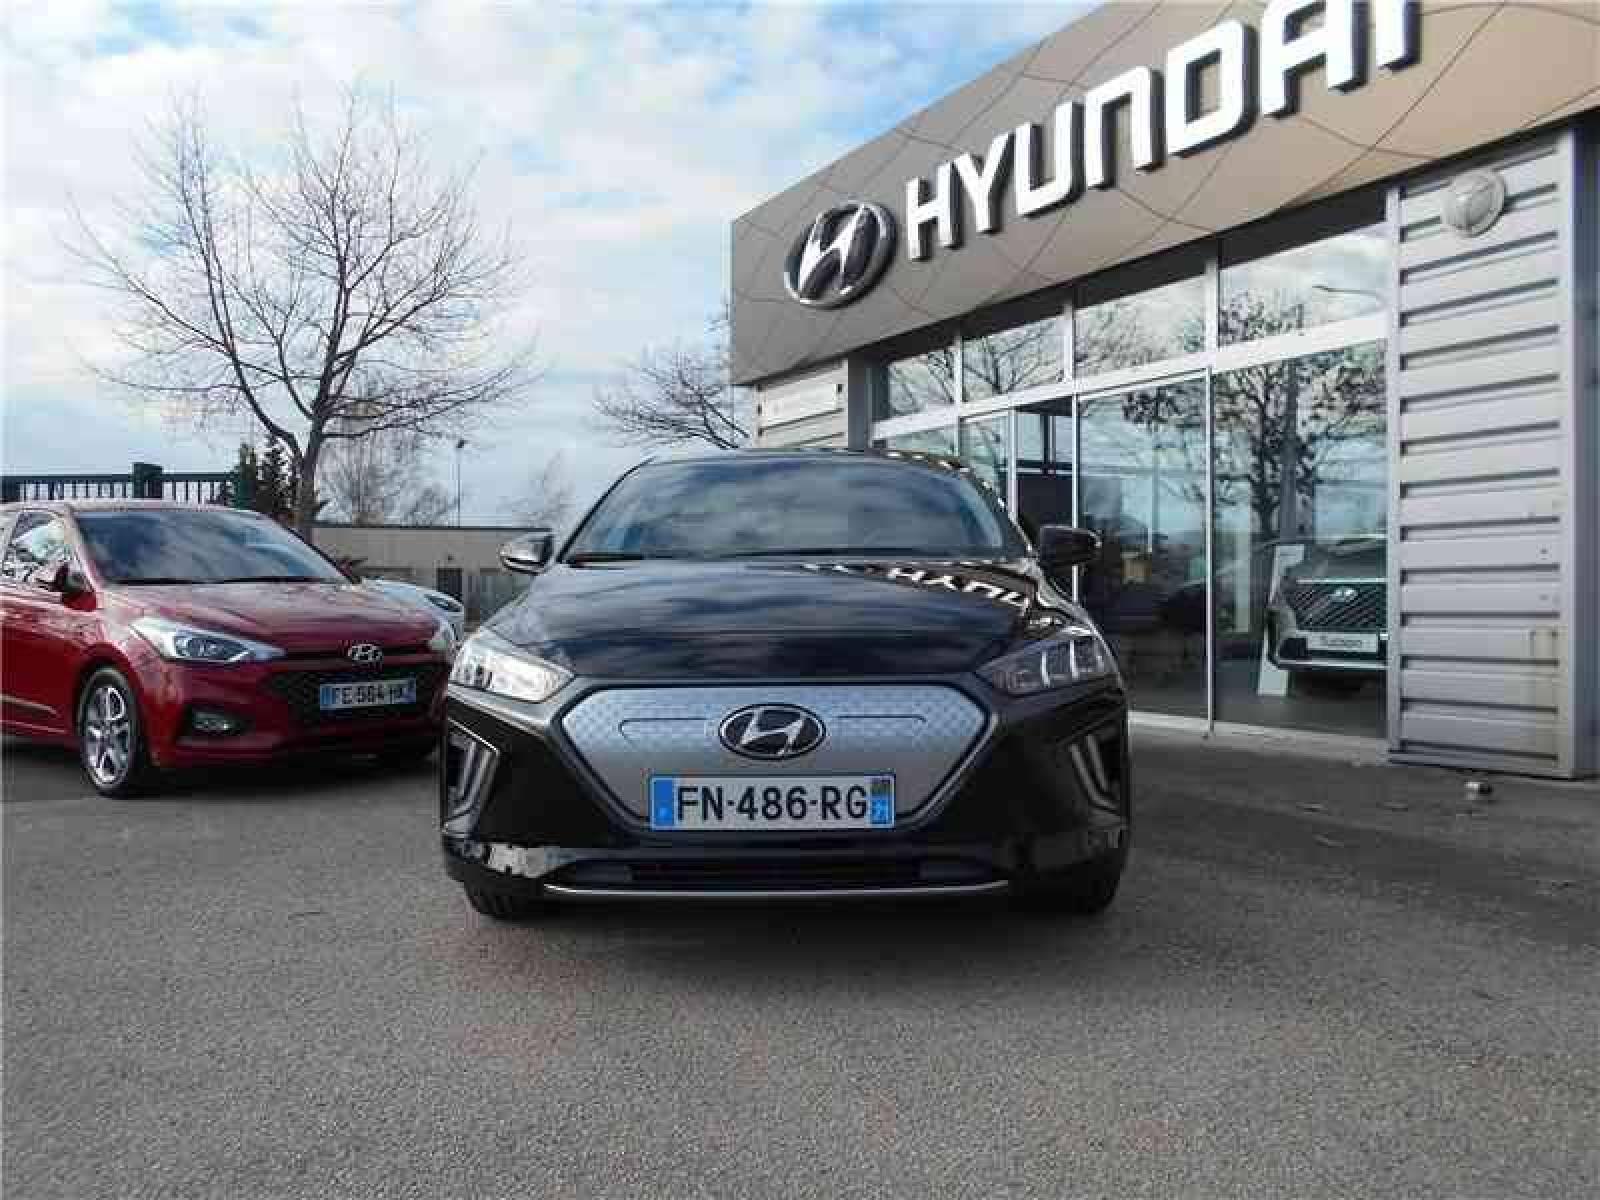 HYUNDAI Ioniq Electric 136 ch - véhicule d'occasion - Groupe Guillet - Chalon Automobiles - 71100 - Chalon-sur-Saône - 2